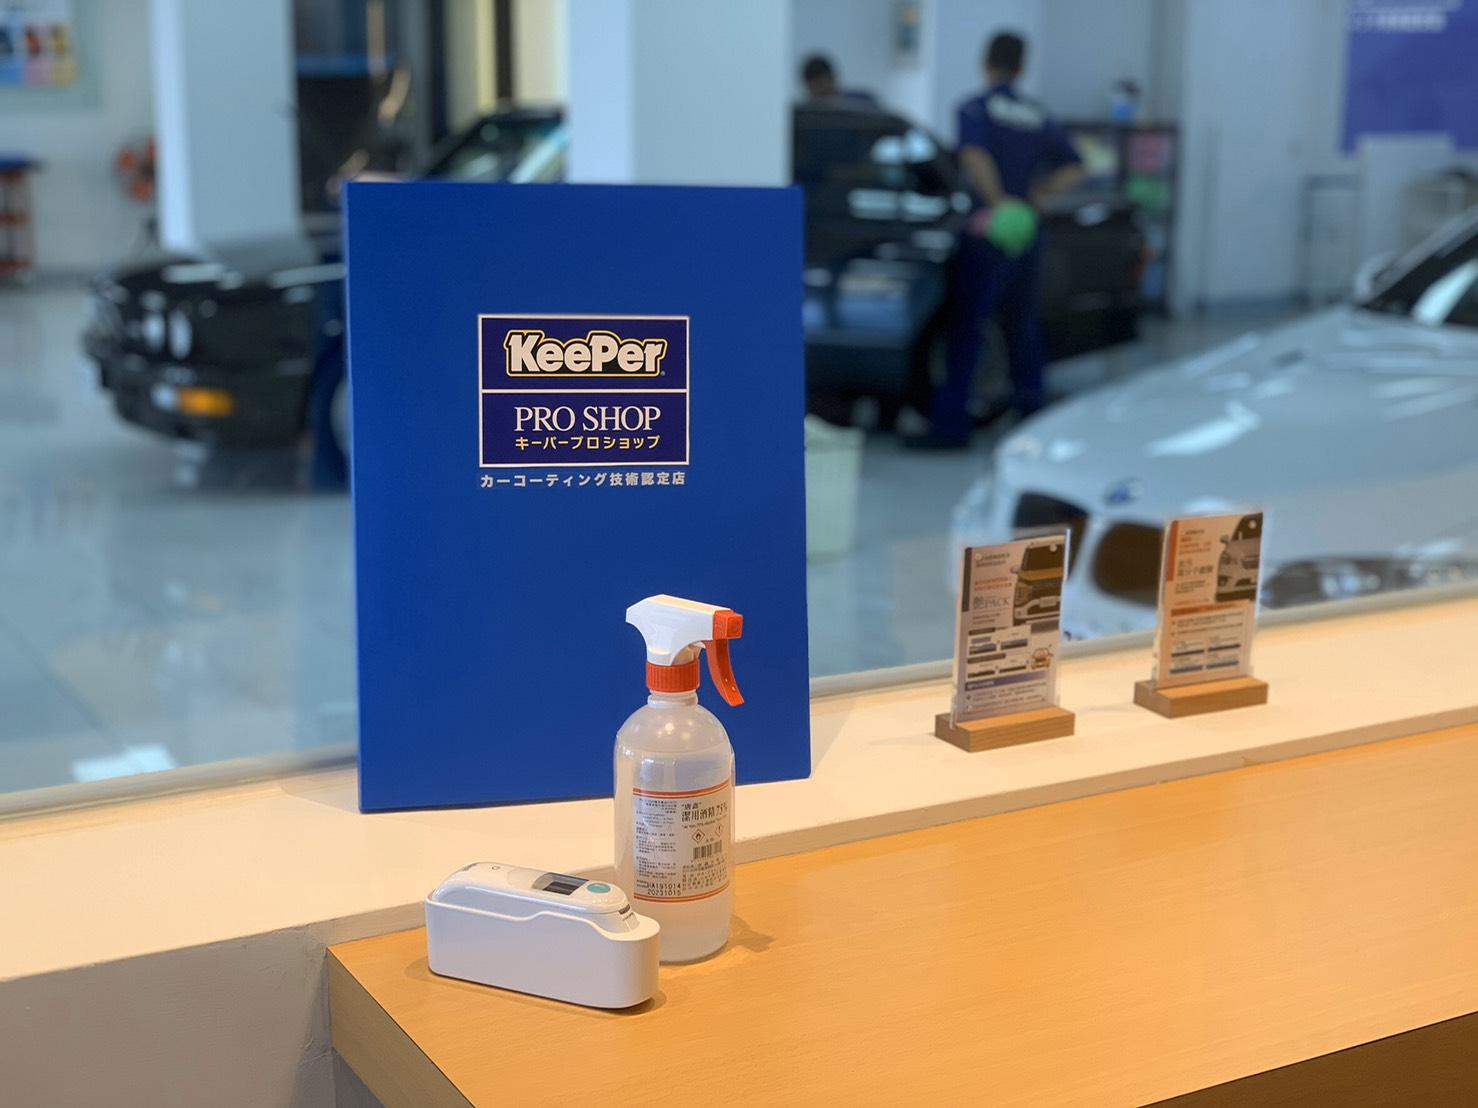 KeePerPROSHOP 自主防疫守護健康